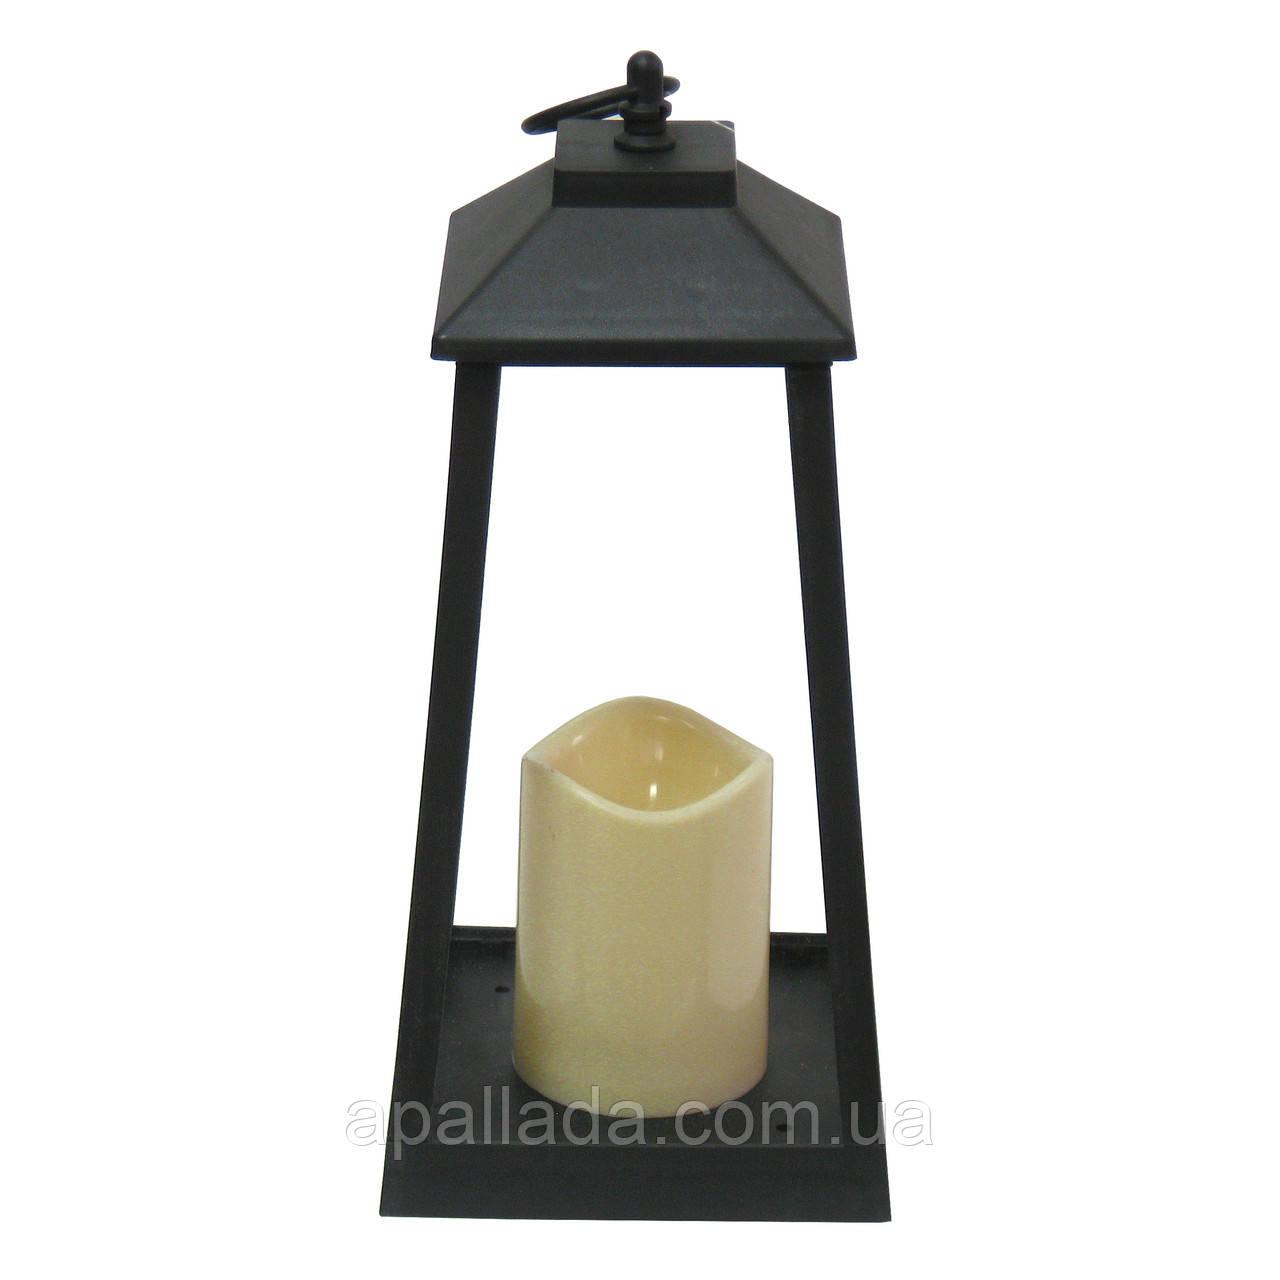 Подсвечник с свечой, 32*15*15 см